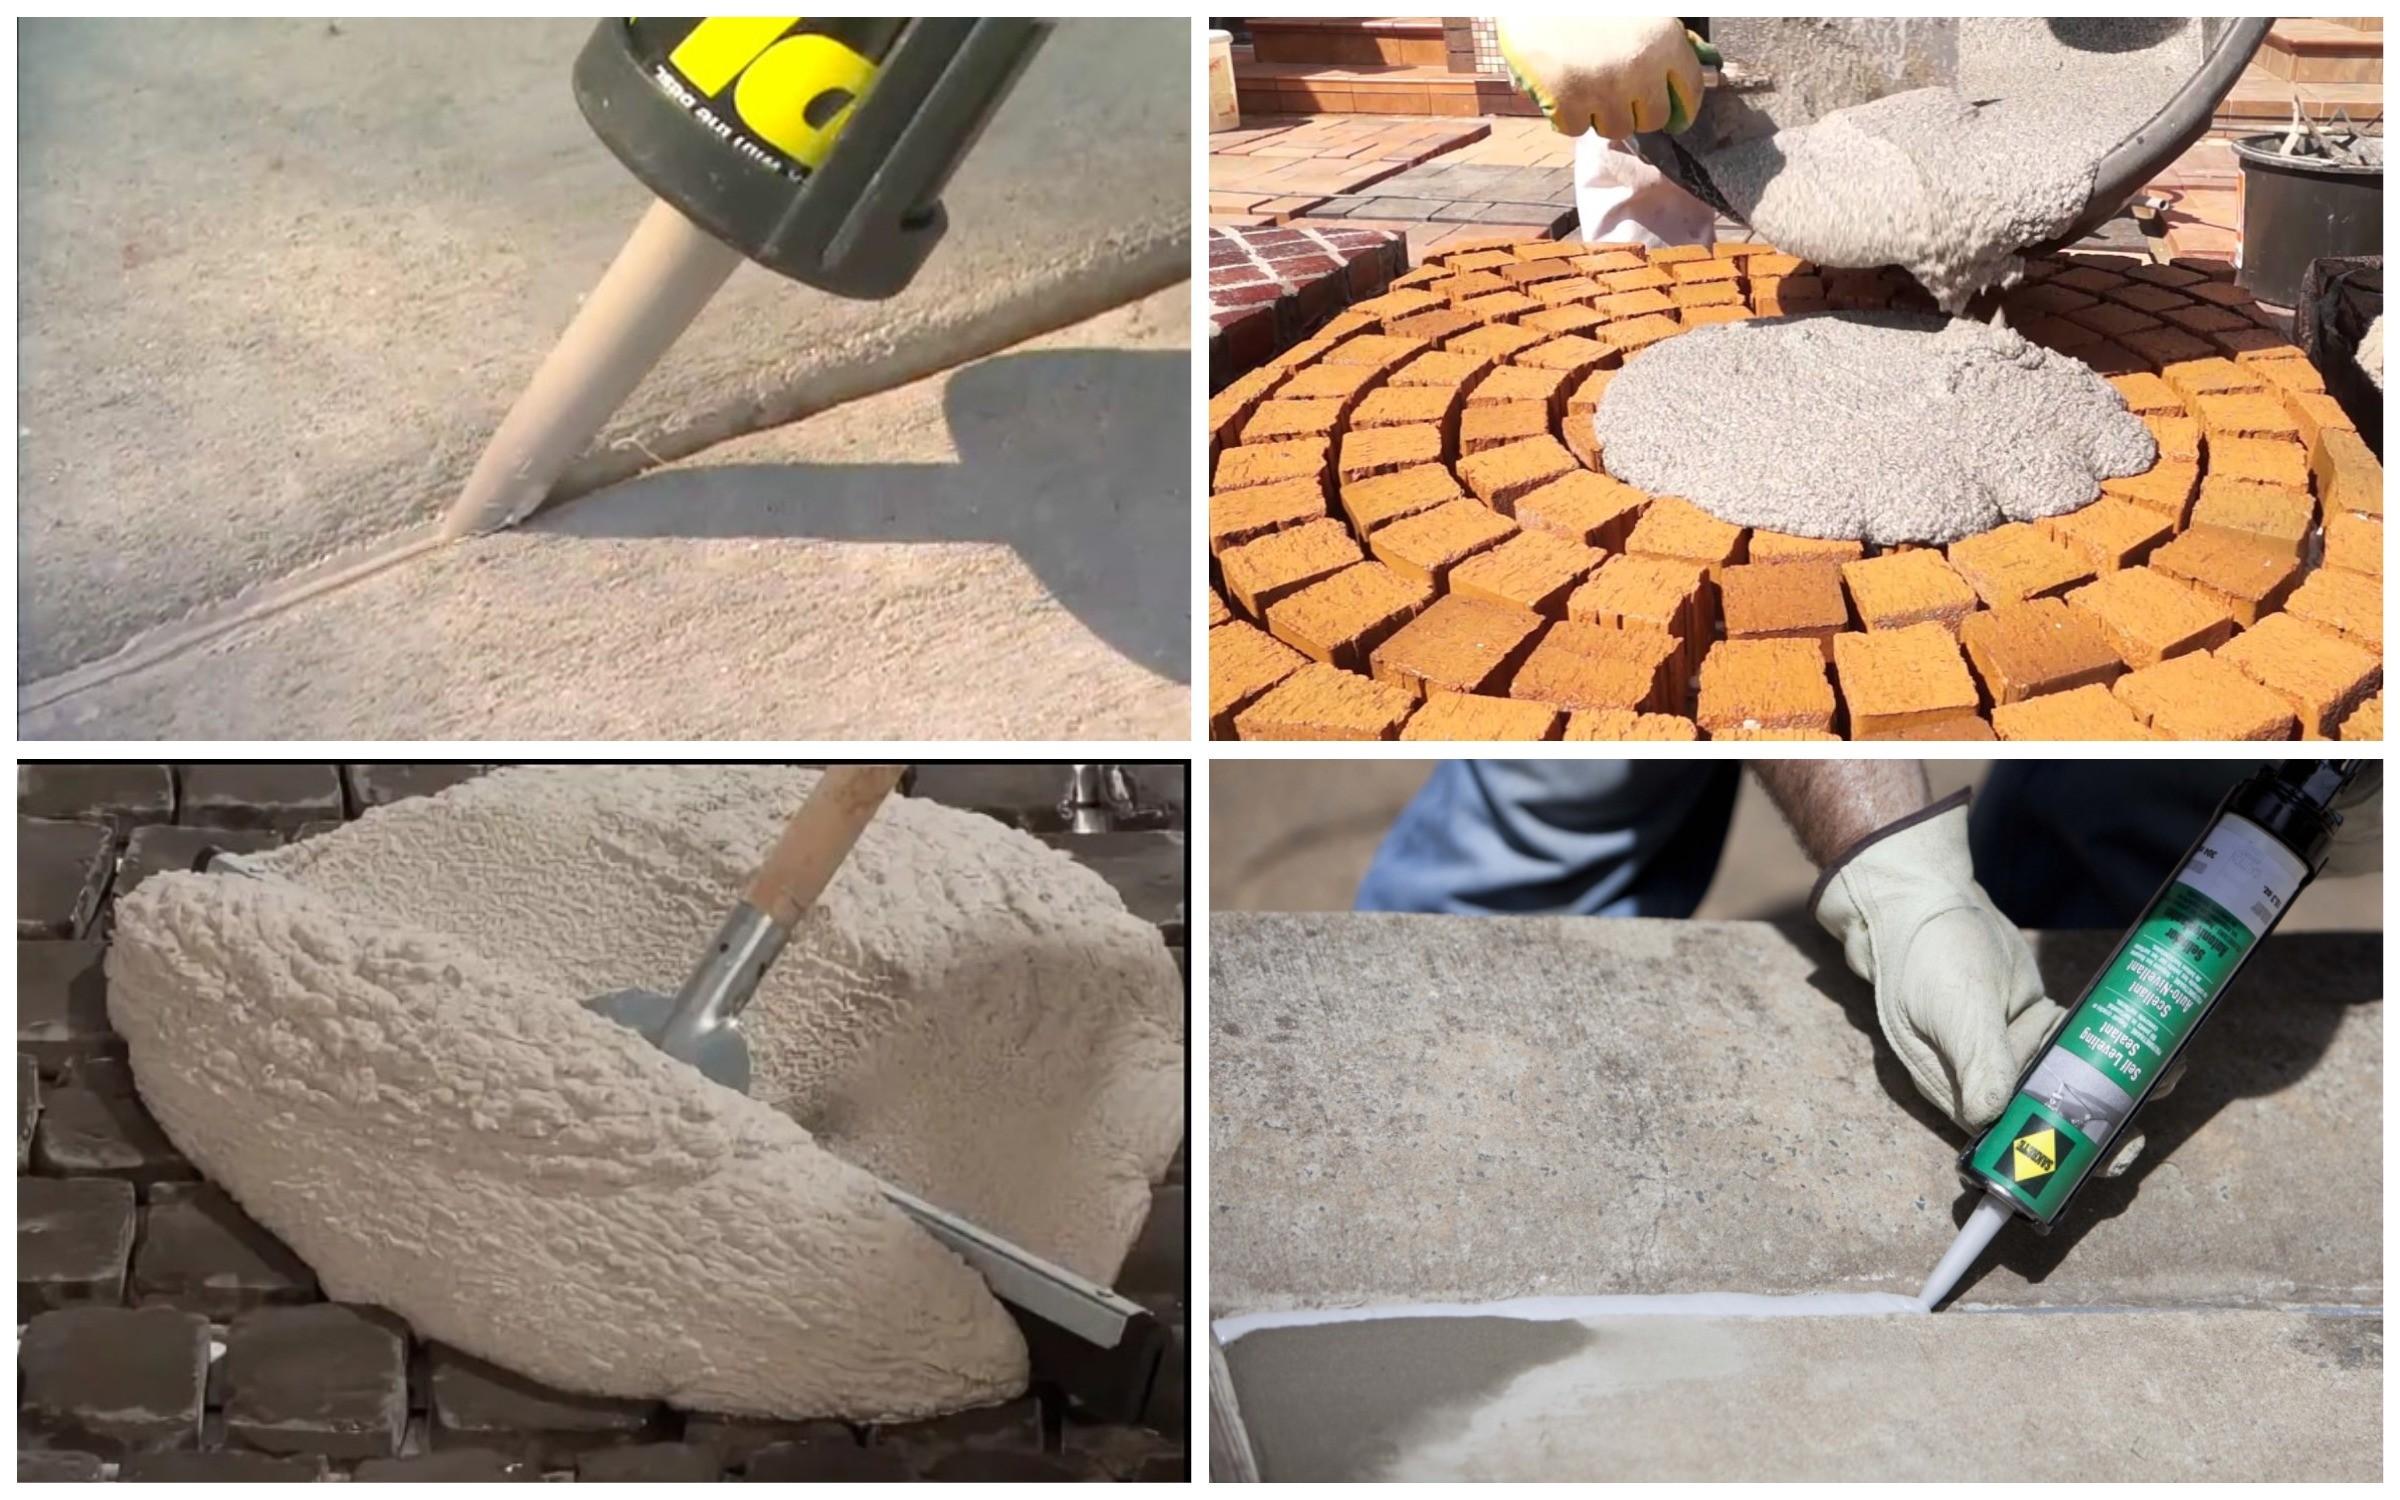 изображение водонепроницаемых растворов и герметиков для герметизации швов тротуарной плитки